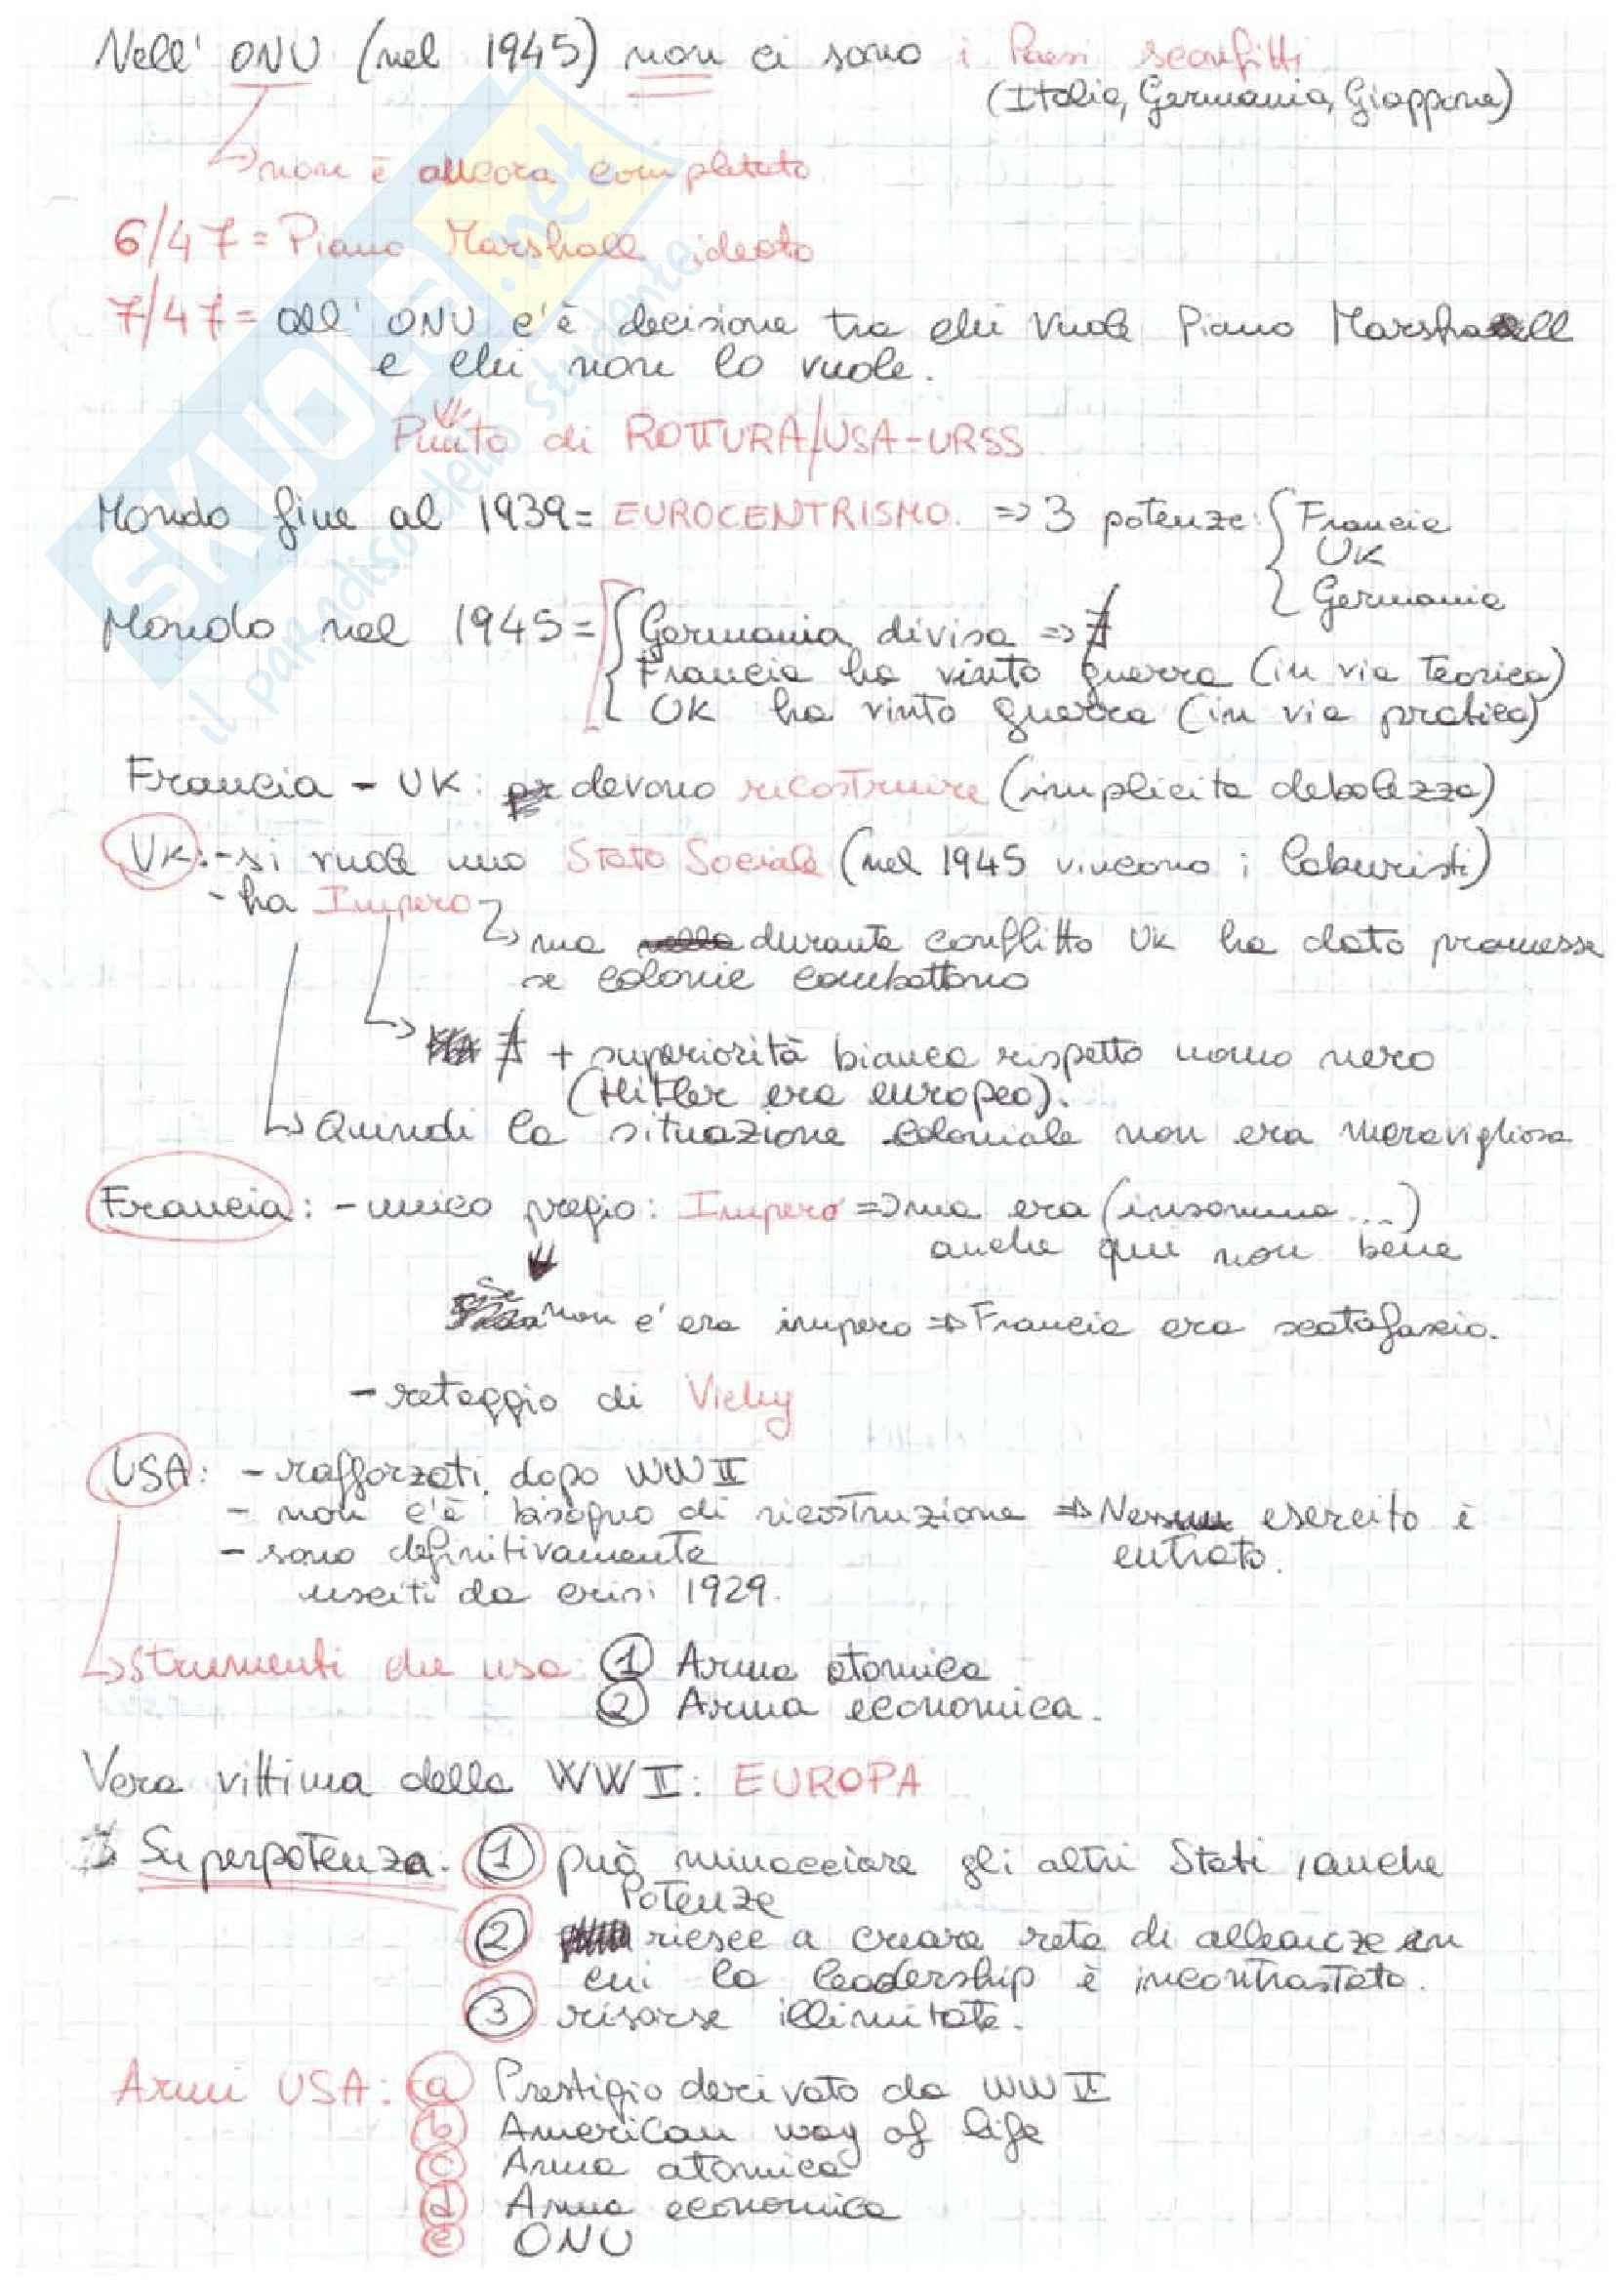 Storia delle Relazioni Internazionali - Appunti Pag. 41